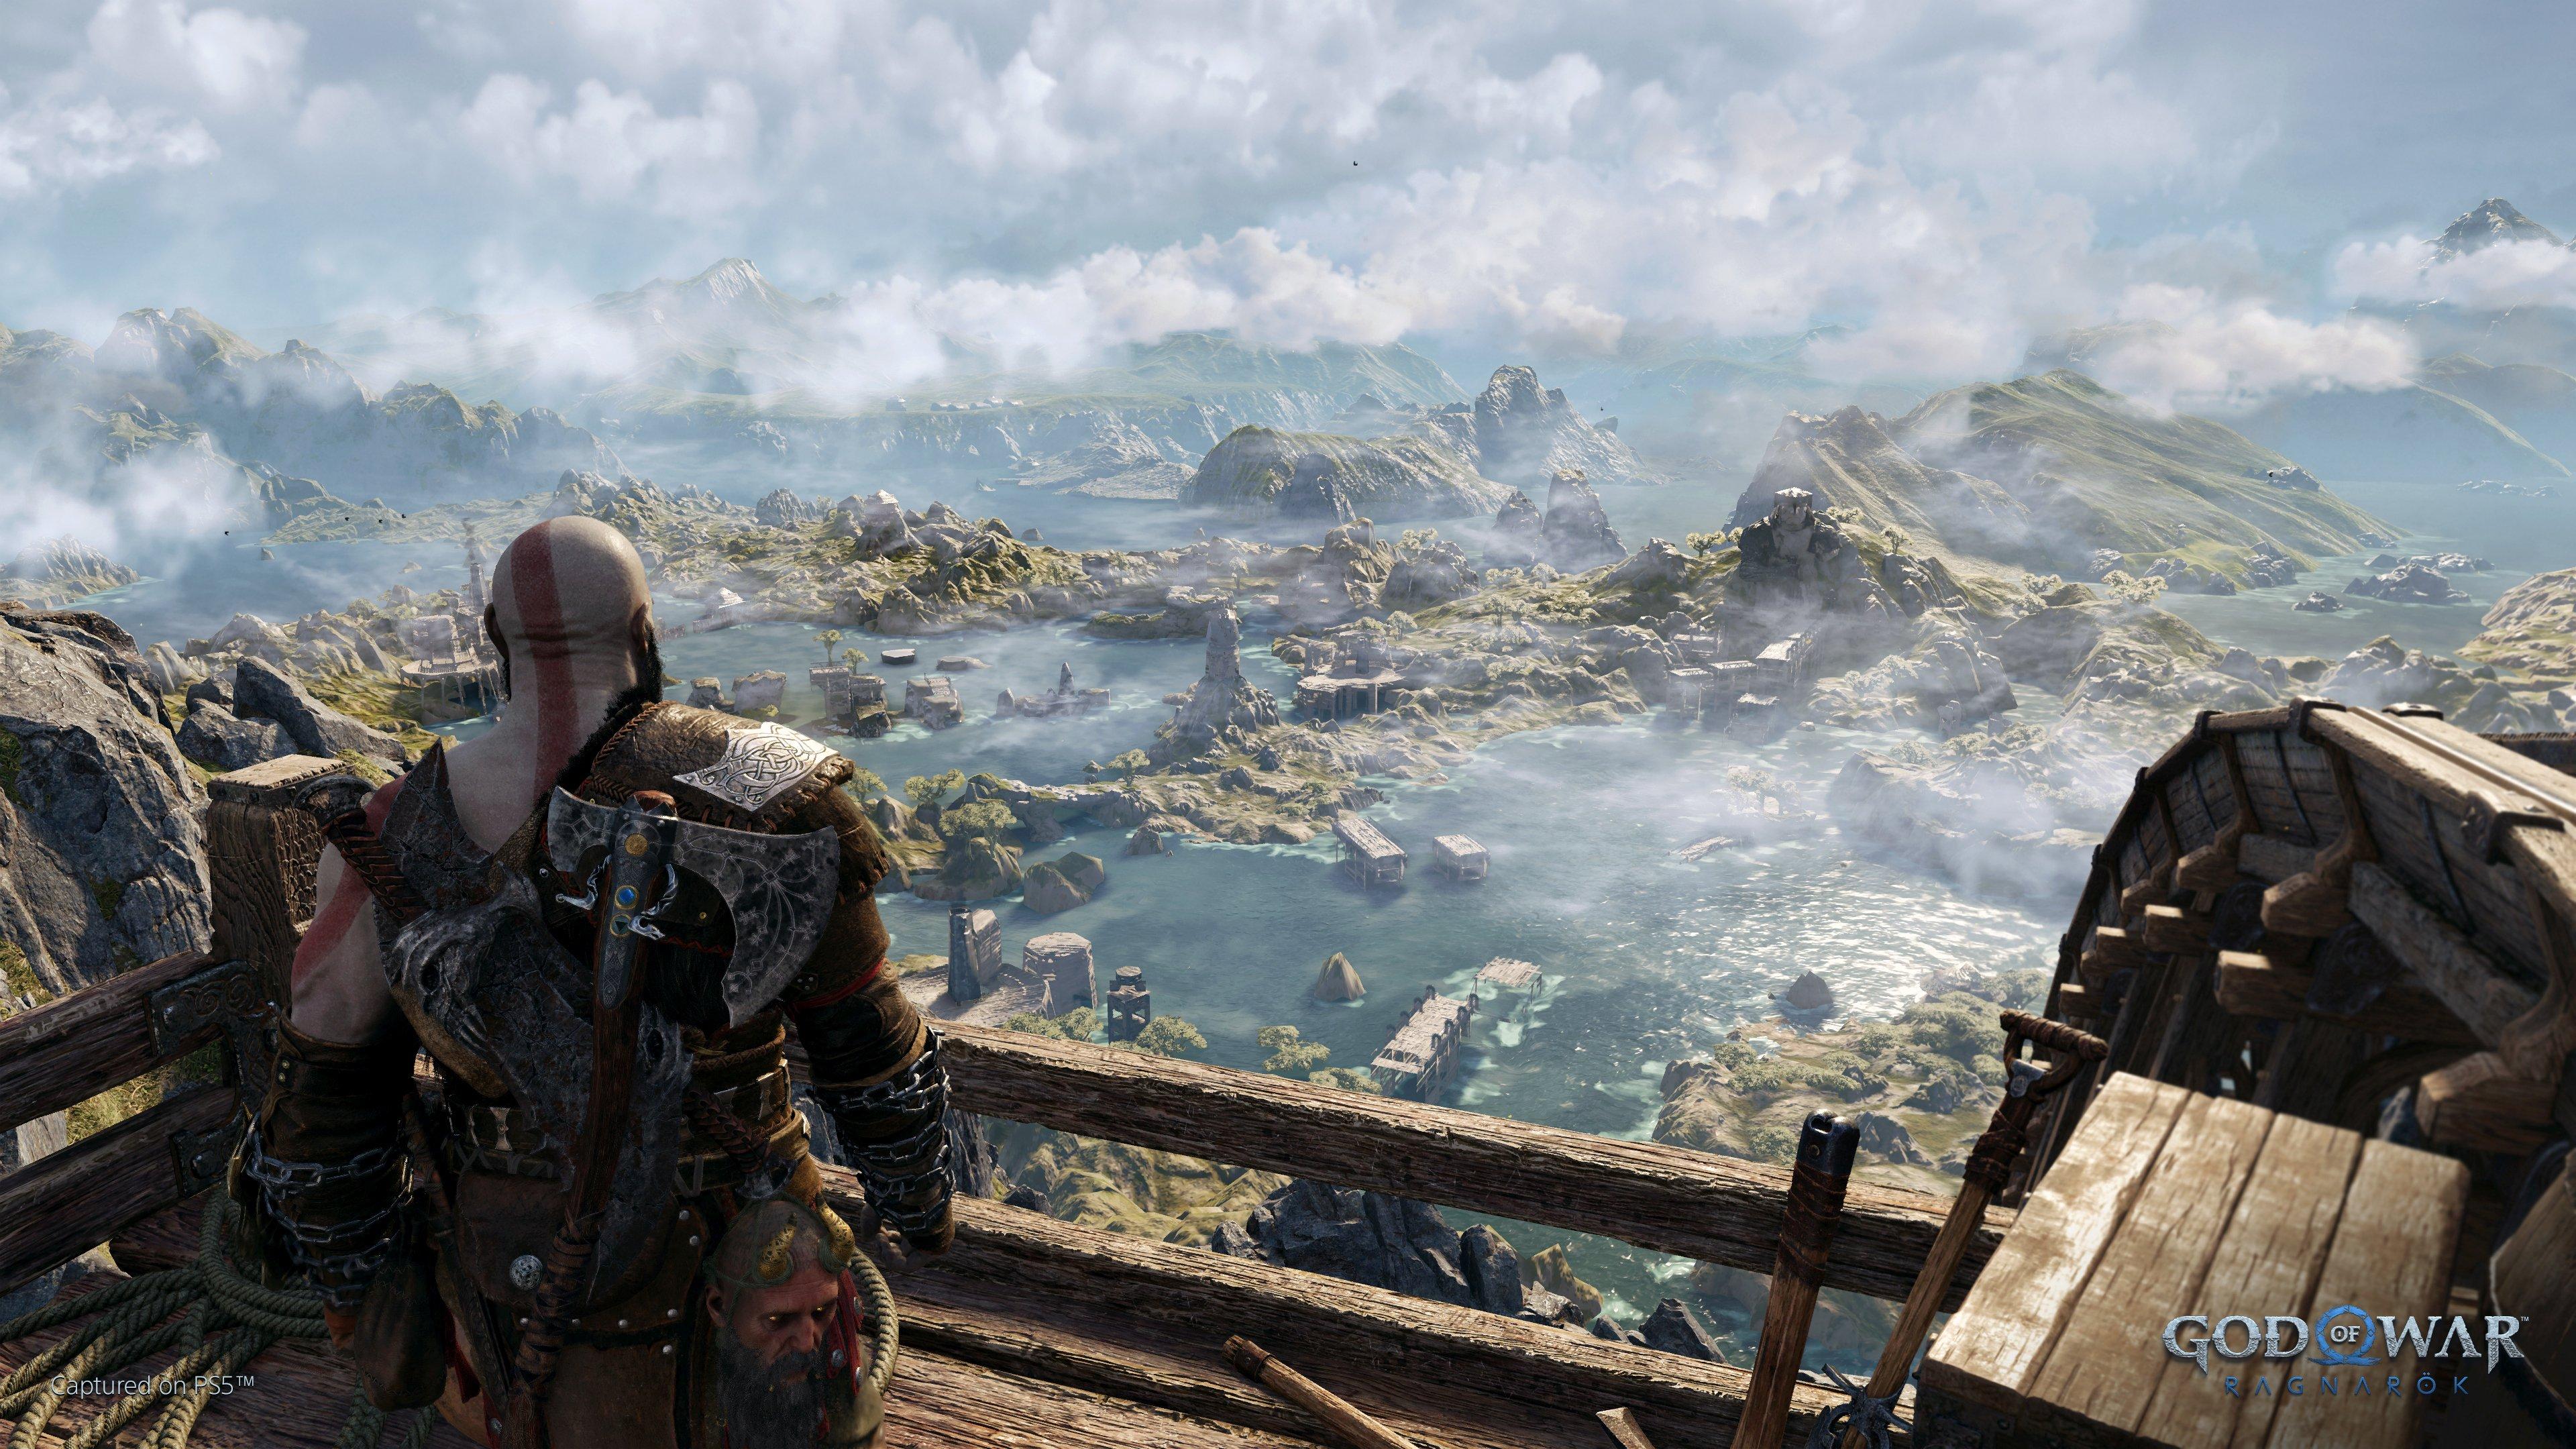 God-of-War-Ragnarok_2021_09-09-21_003.jpg